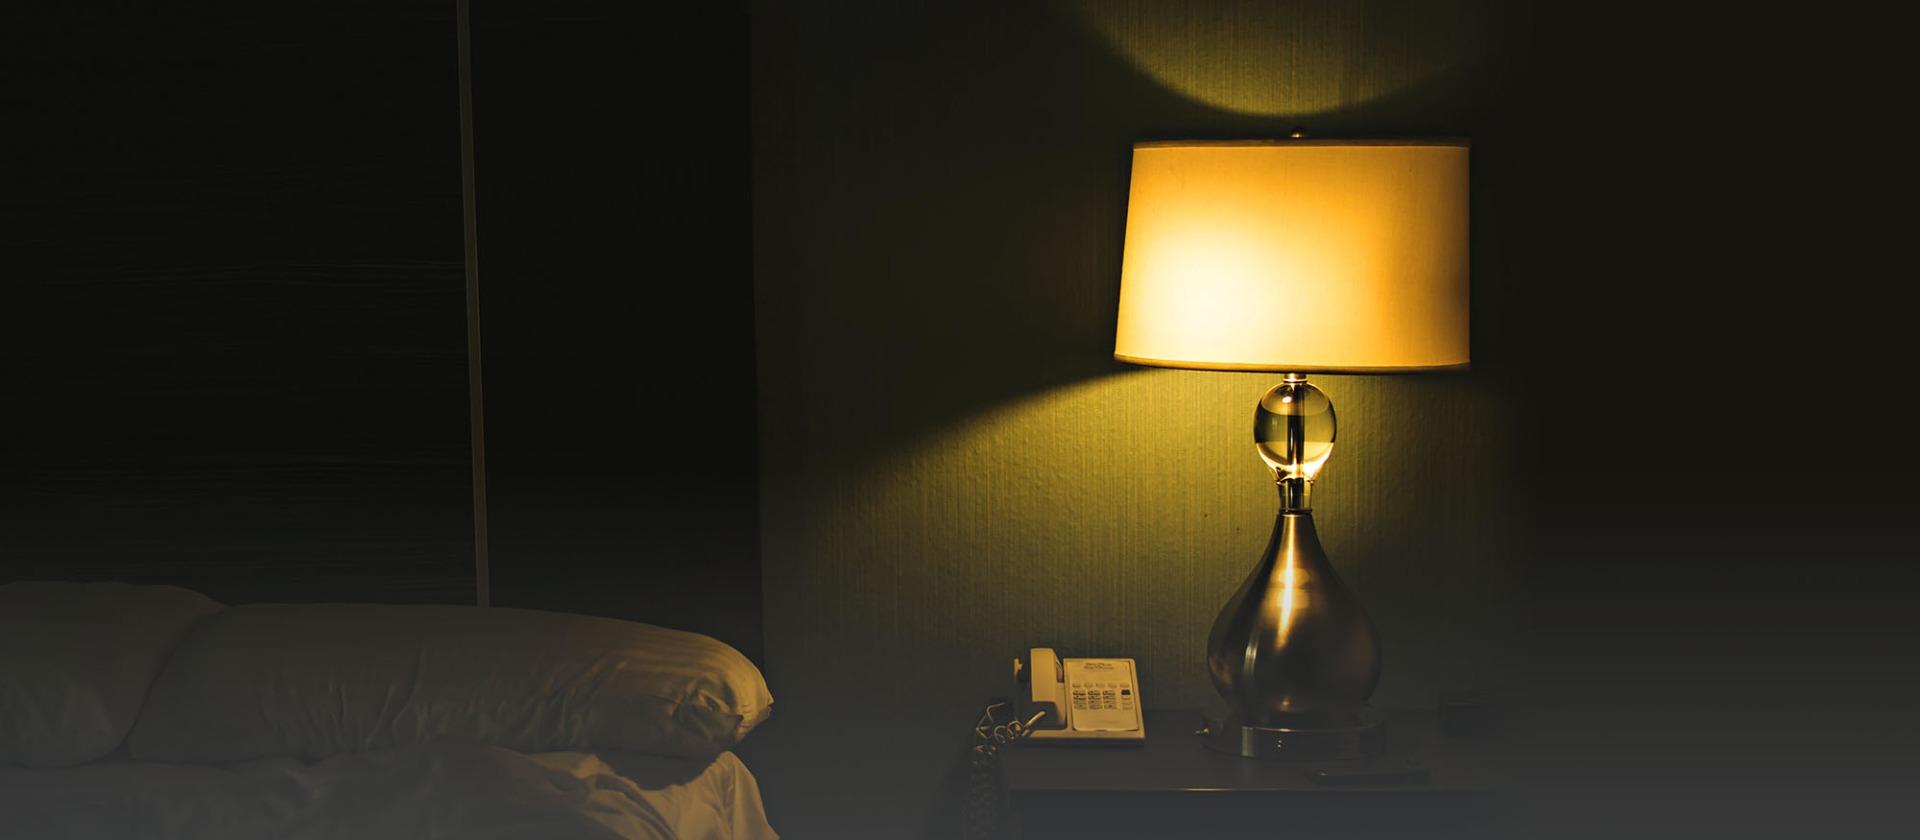 lichtplan slaapkamer, hoe belicht ik mijn slaapkamer?